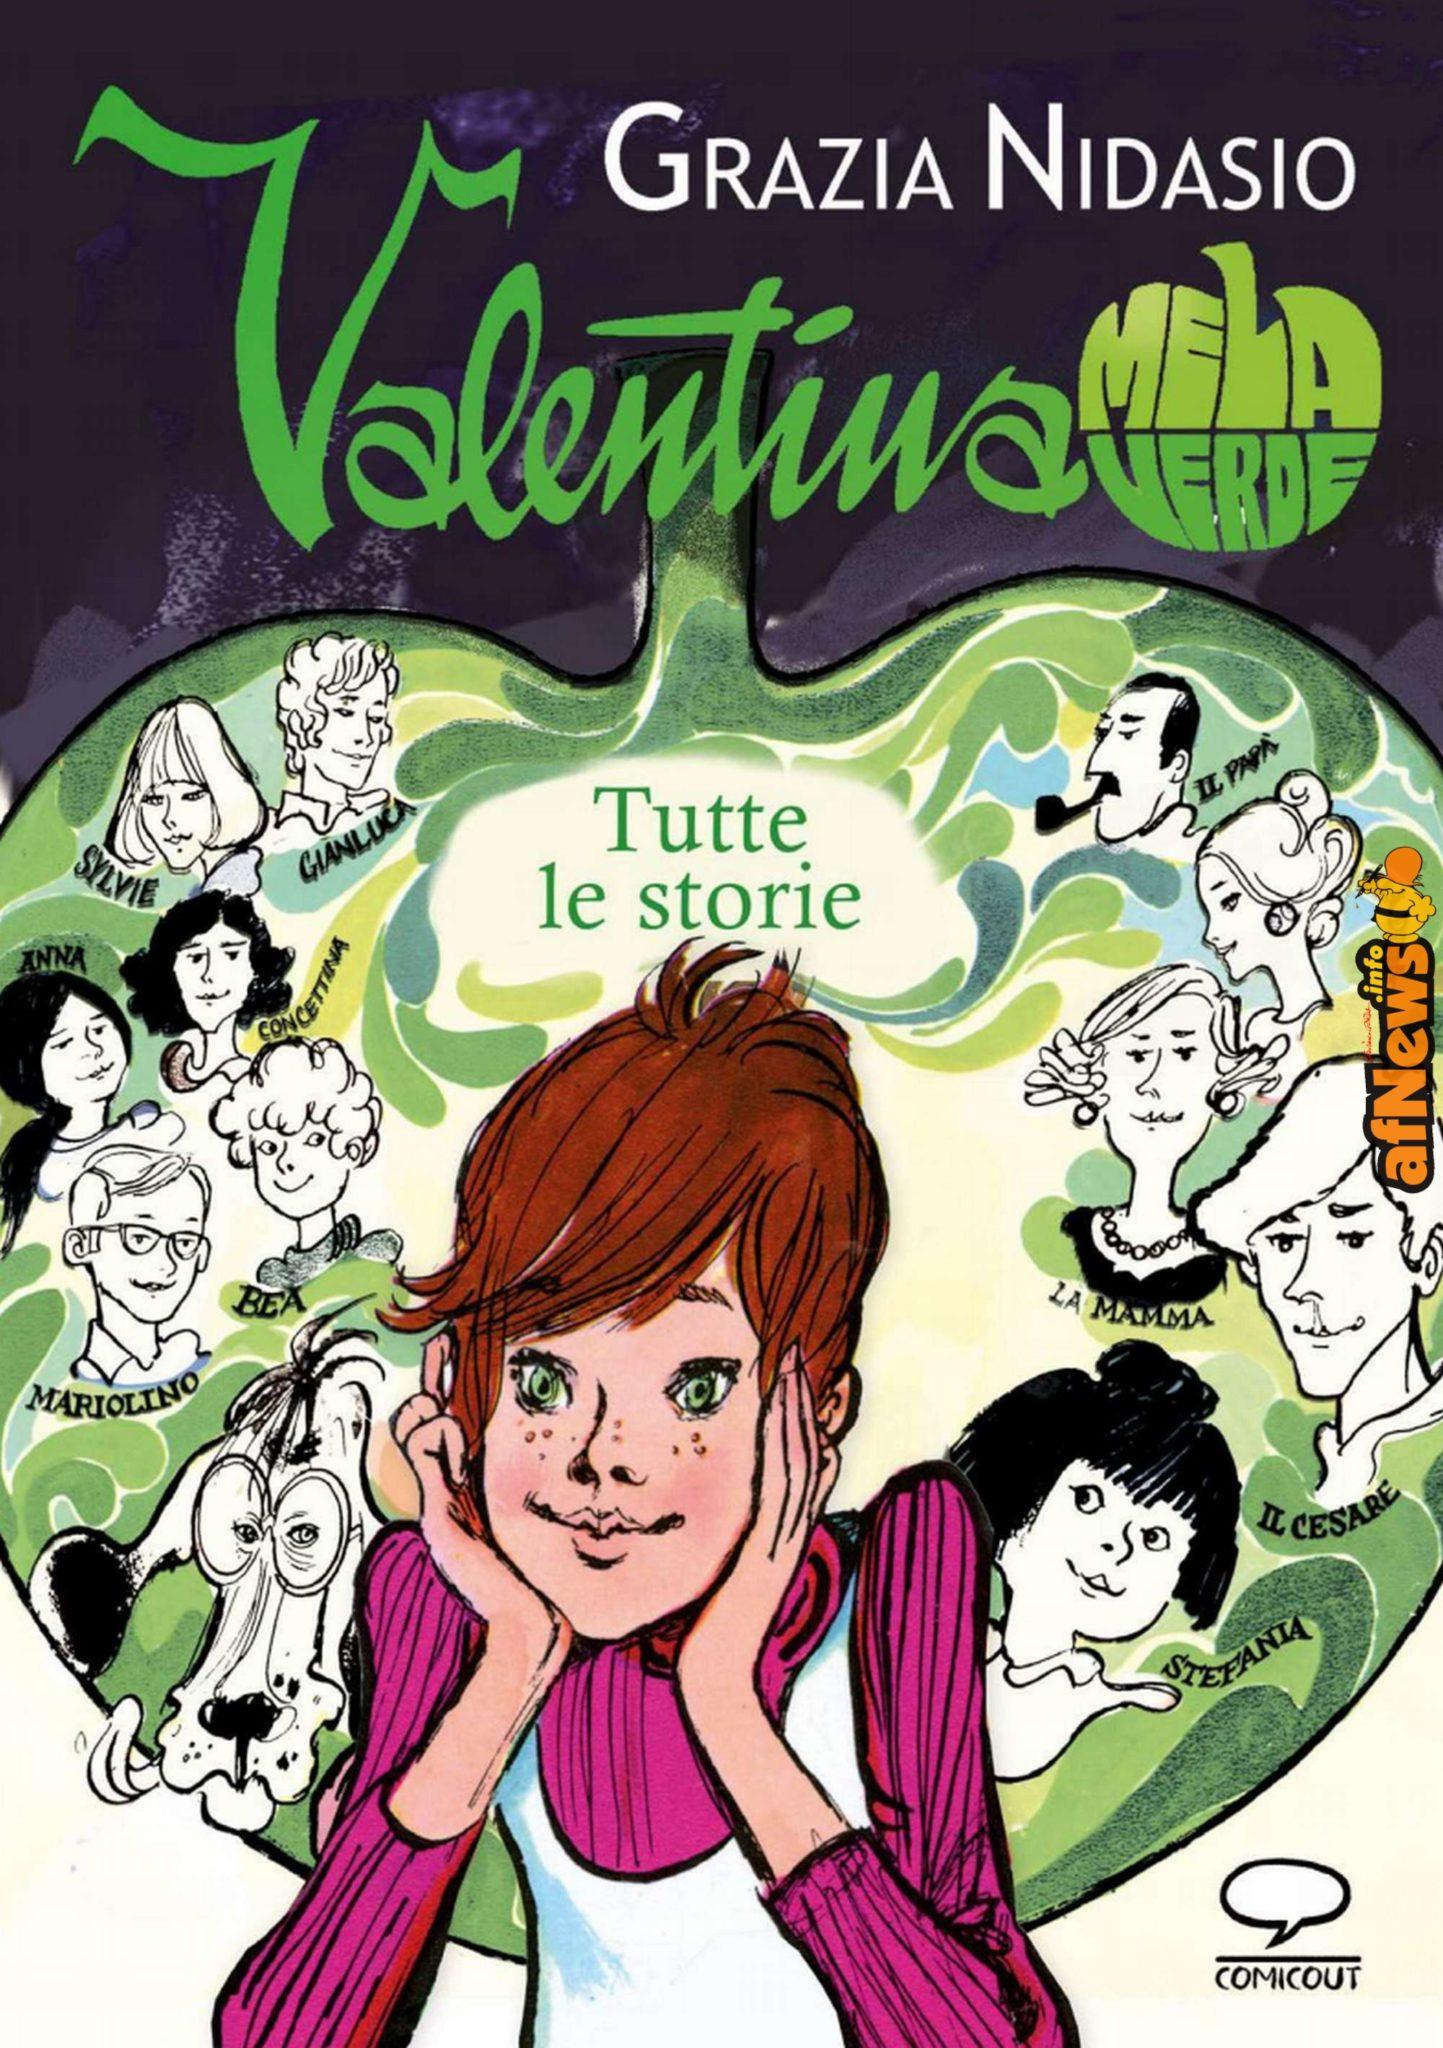 Milano regala fumetti da scaricare